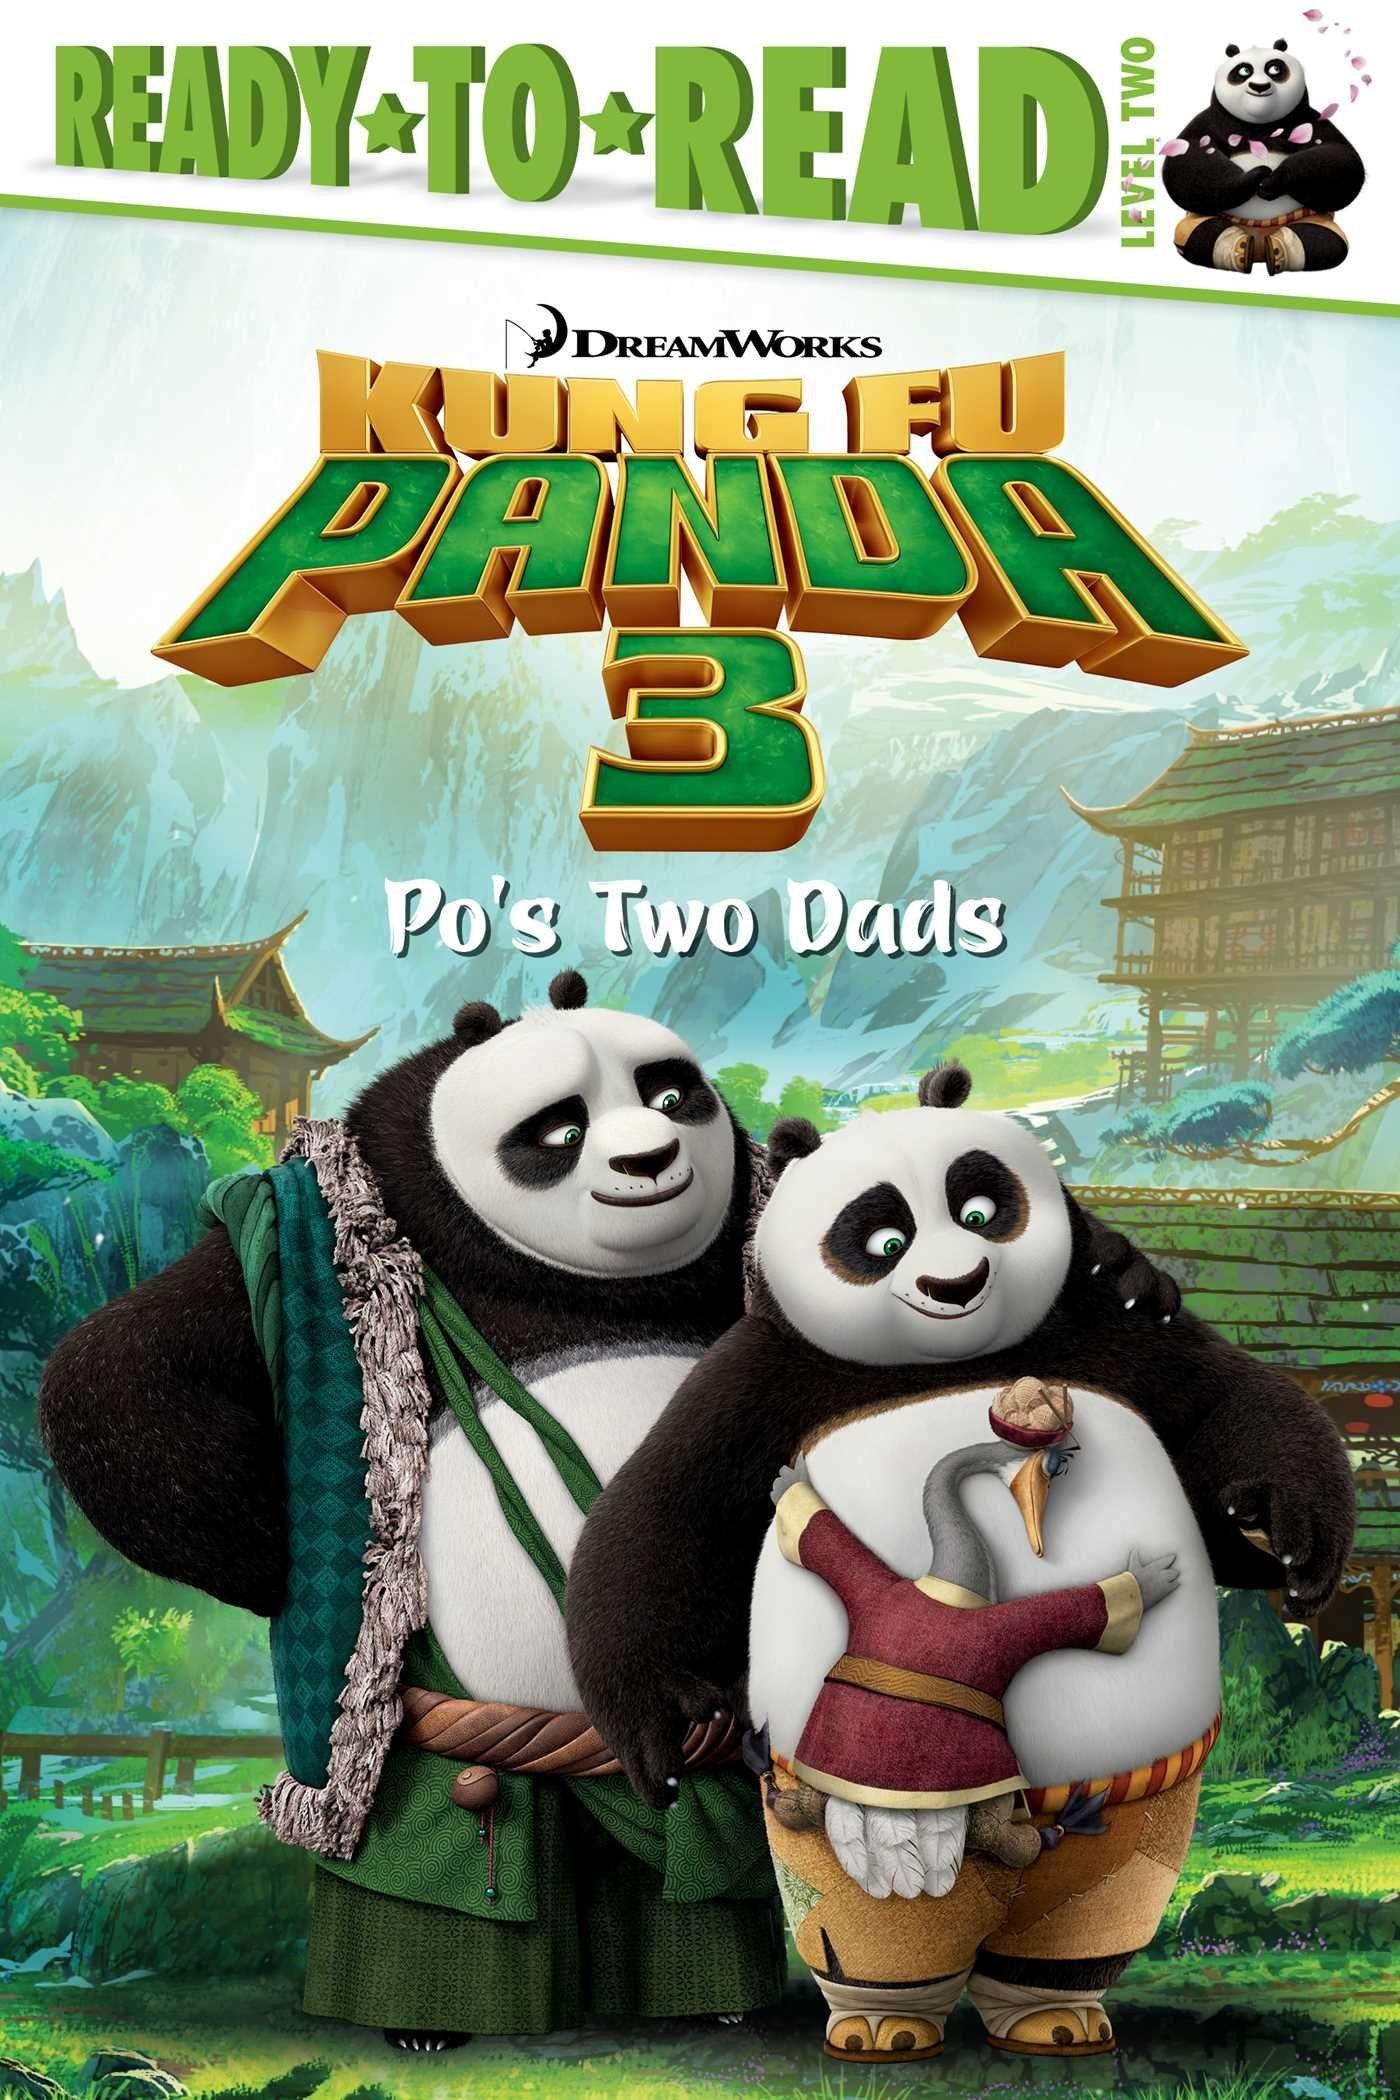 功夫 熊猫 1 英文 版